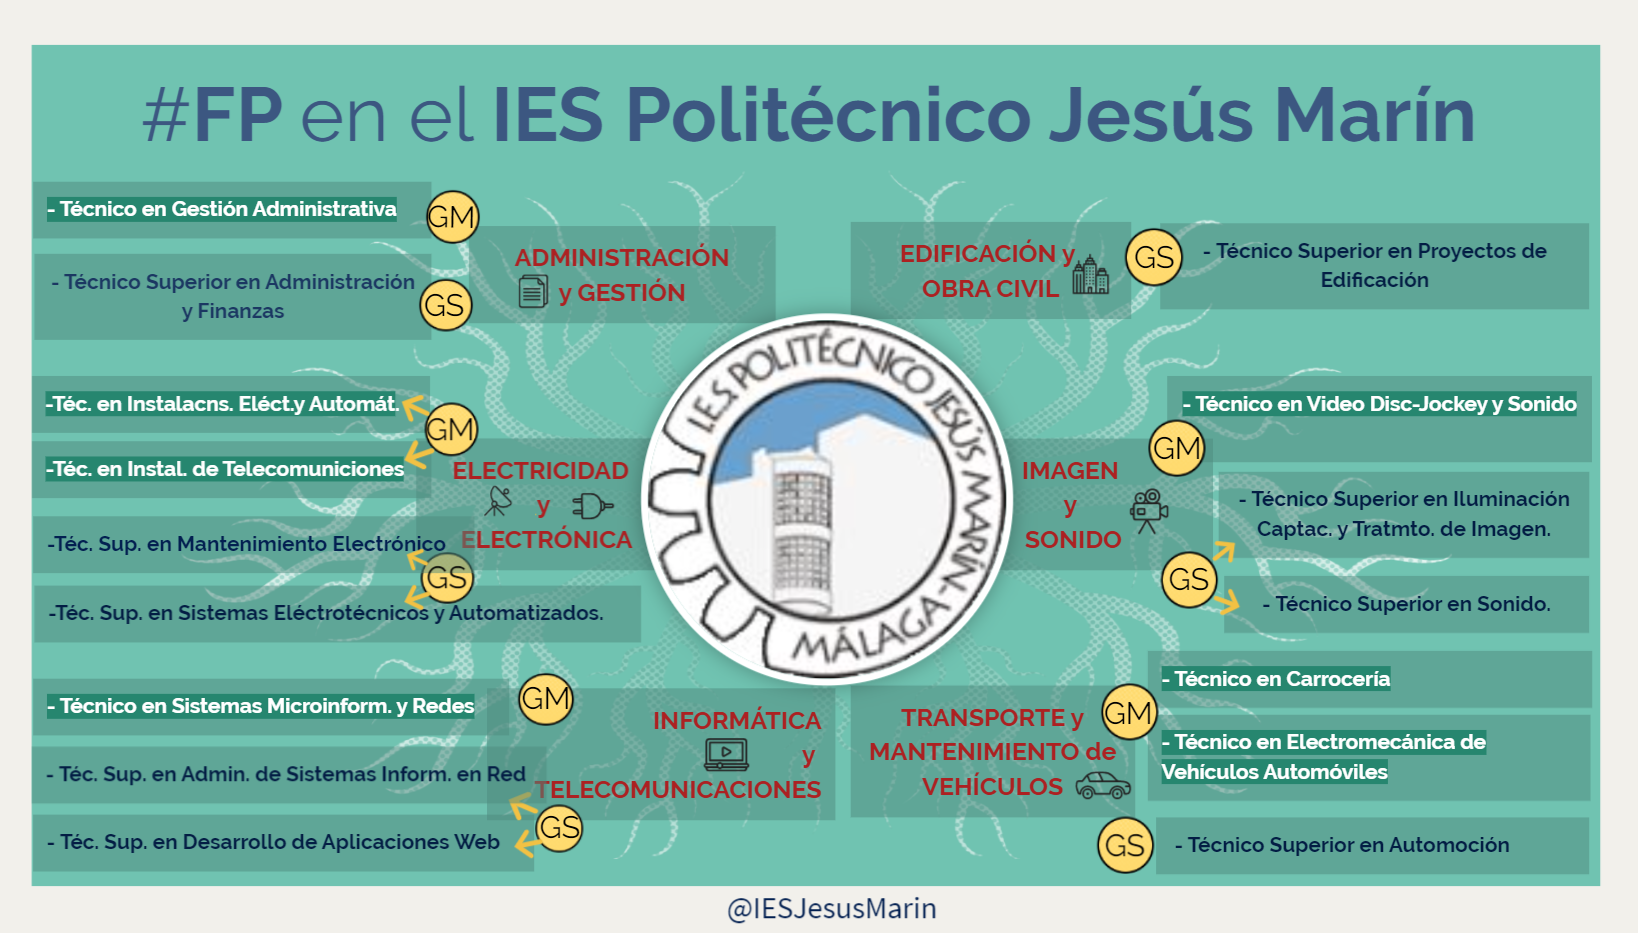 Imagen de la noticia: ¿Qué ciclos formativos puedo estudiar en el Politécnico Jesús Marín?